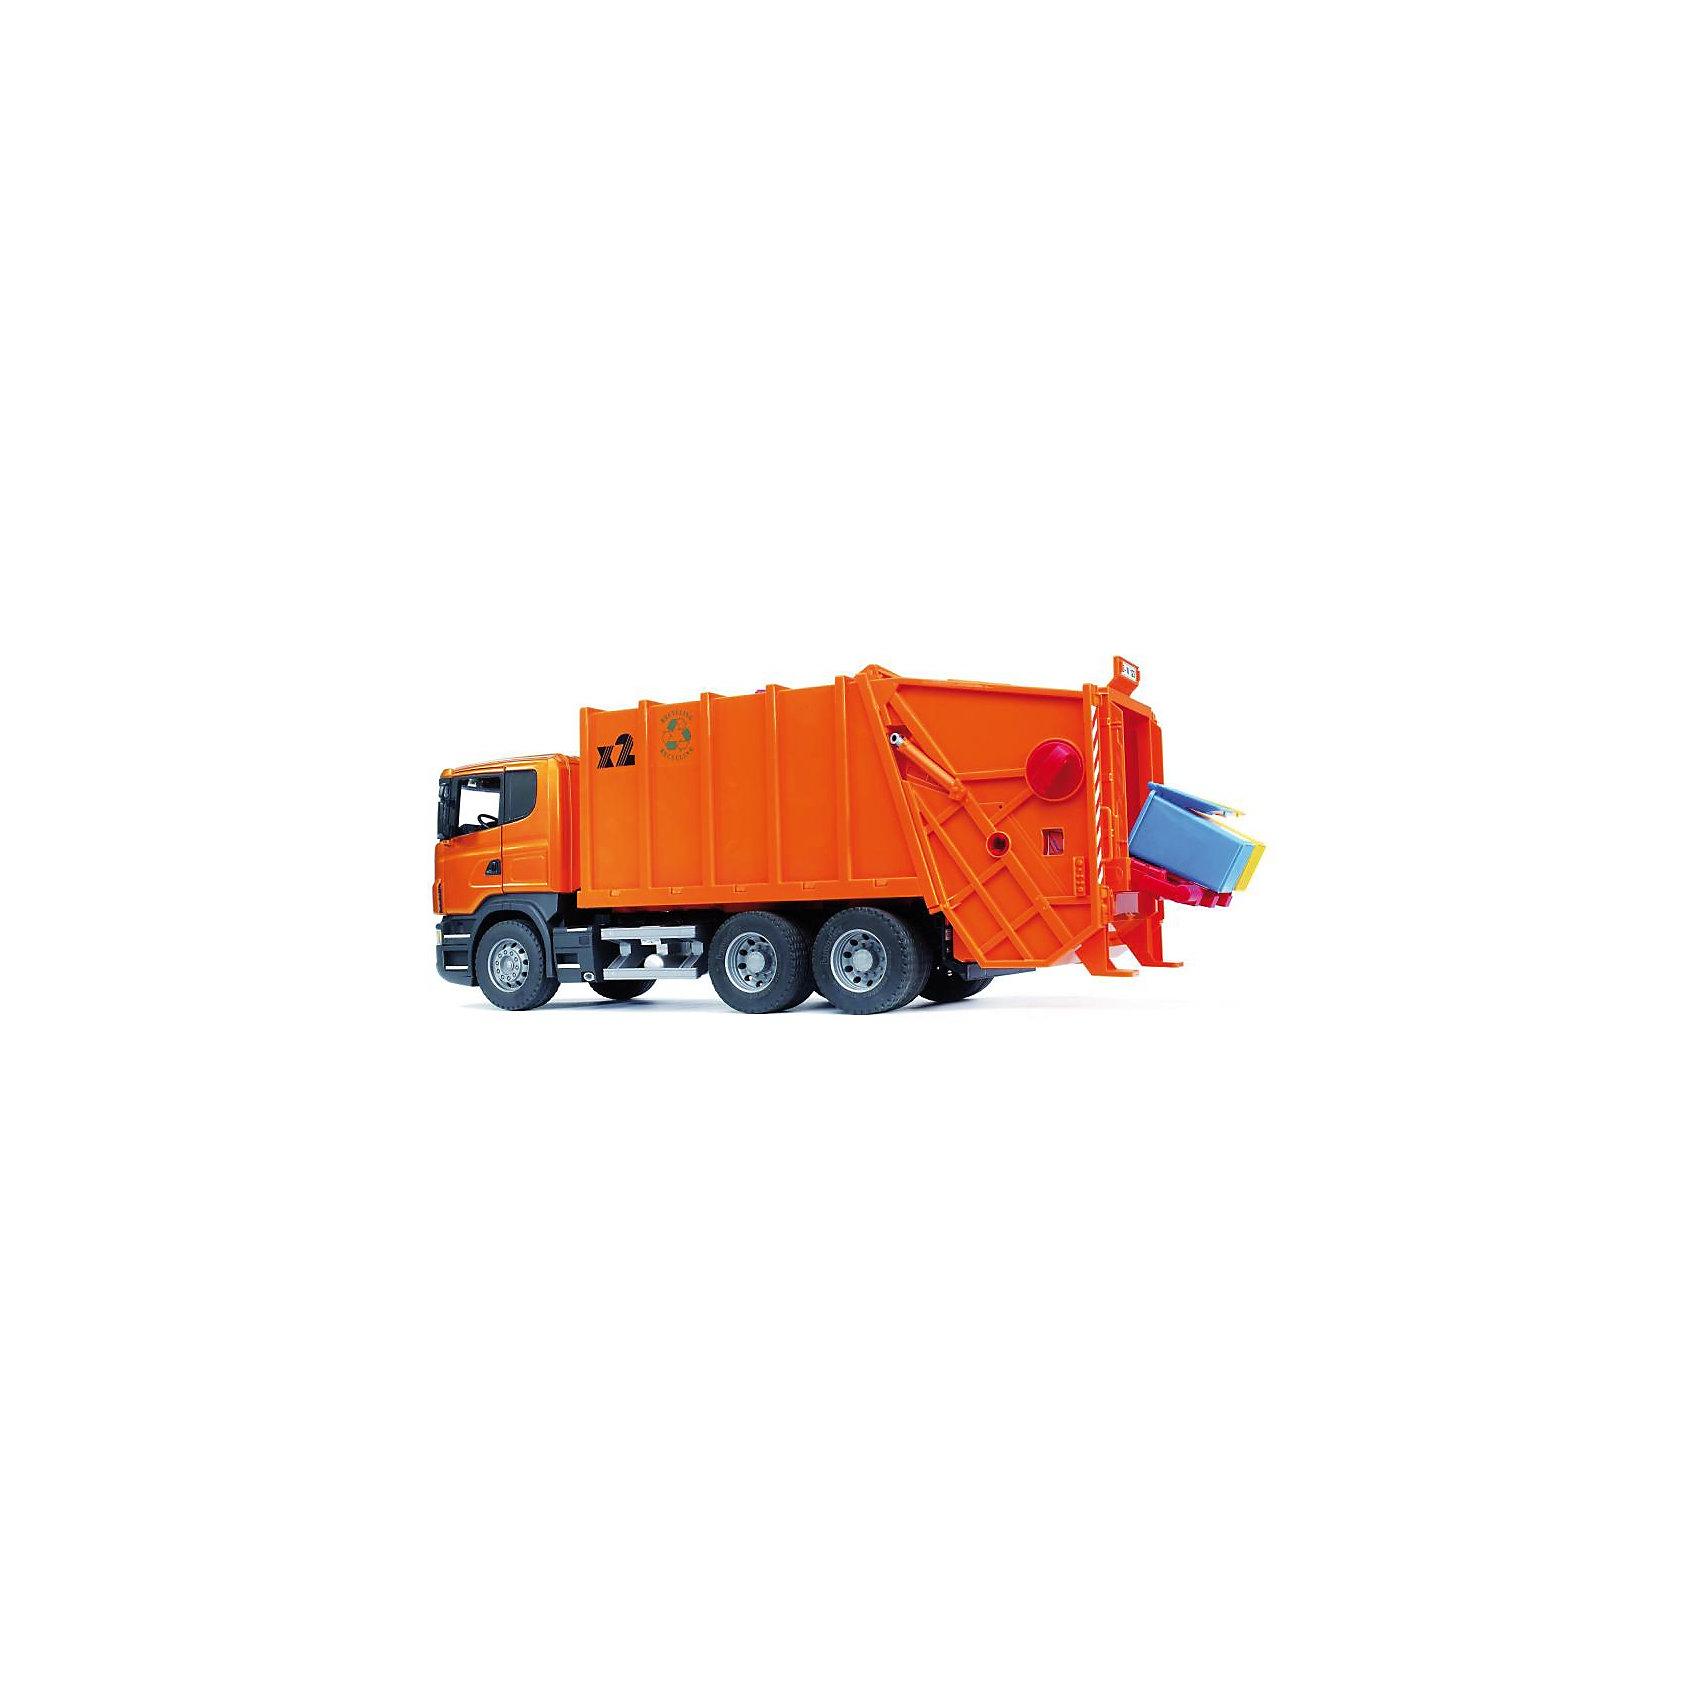 Мусоровоз Scania, BruderИдеи подарков<br>Мусоровоз Scania (цвет оранжевый) с задней загрузкой мусорных корзин позволит ребенку в игре повторить весь процесс сбора мусора поэтапно - от загрузки до транспортировки. Компания Bruder смогла воспроизвести в игрушечной модели даже способность машины к подъему мусорных баков. <br><br>Дополнительная информация:<br> <br>- кабина спереди застеклена прозрачным поликарбонатом, оборудована вращающимся рулем, 2 креслами и декоративными рычагами, откидывается для доступа к двигателю<br>- зеркала заднего вида складываются  <br>- кузов машины состоит из двух отсеков для мусора, задний отсек поднимается вручную <br>- подъемник мусорных корзин забрасывает мусор из корзин в заднюю часть мусорного контейнера <br>- сдвигающийся пресс мусорного контейнера управляется красной ручкой <br>- приёмный контейнер оснащен телескопическим механизмом, поднимается для отгрузки на 45° <br>- лопата для отгрузки мусора приводится в движение вращением ручки на крыше кузова <br>- мусорные баки закрепляются на подъемном механизме с помощью держателя, крышки баков открываются <br>- колеса с крупными протекторами <br>- мусоровоз Scania Брудер при вращении рукоятки поднимает и опустошает мусорные баки <br>- в комплекте: мусоровоз Scania оранжевый Брудер, 2 мусорных бака <br>- размеры: длина машины-62 см, высота-26 см. Баки 7Х6 см <br>- масштаб 1:16<br>- материал: ударопрочная пластмасса, колеса резиновые<br><br>Мусоровоз Scania, Bruder можно купить в нашем магазине.<br><br>Ширина мм: 708<br>Глубина мм: 291<br>Высота мм: 213<br>Вес г: 3192<br>Возраст от месяцев: 36<br>Возраст до месяцев: 96<br>Пол: Мужской<br>Возраст: Детский<br>SKU: 1999717